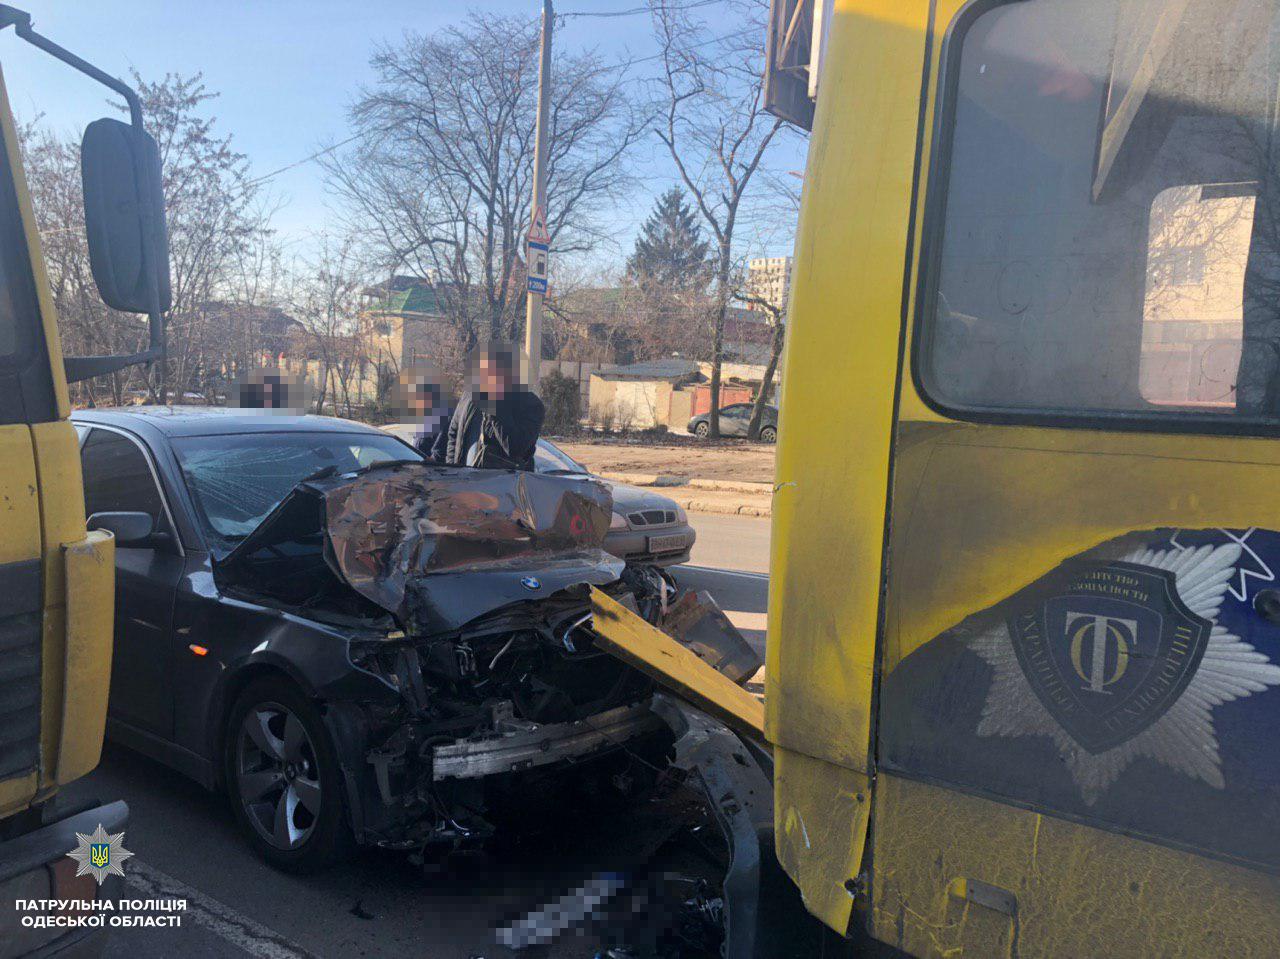 В Одессе произошло ДТП с участием маршрутки, есть пострадавшие, - ФОТО, фото-3, Фото: Патрульная полиция